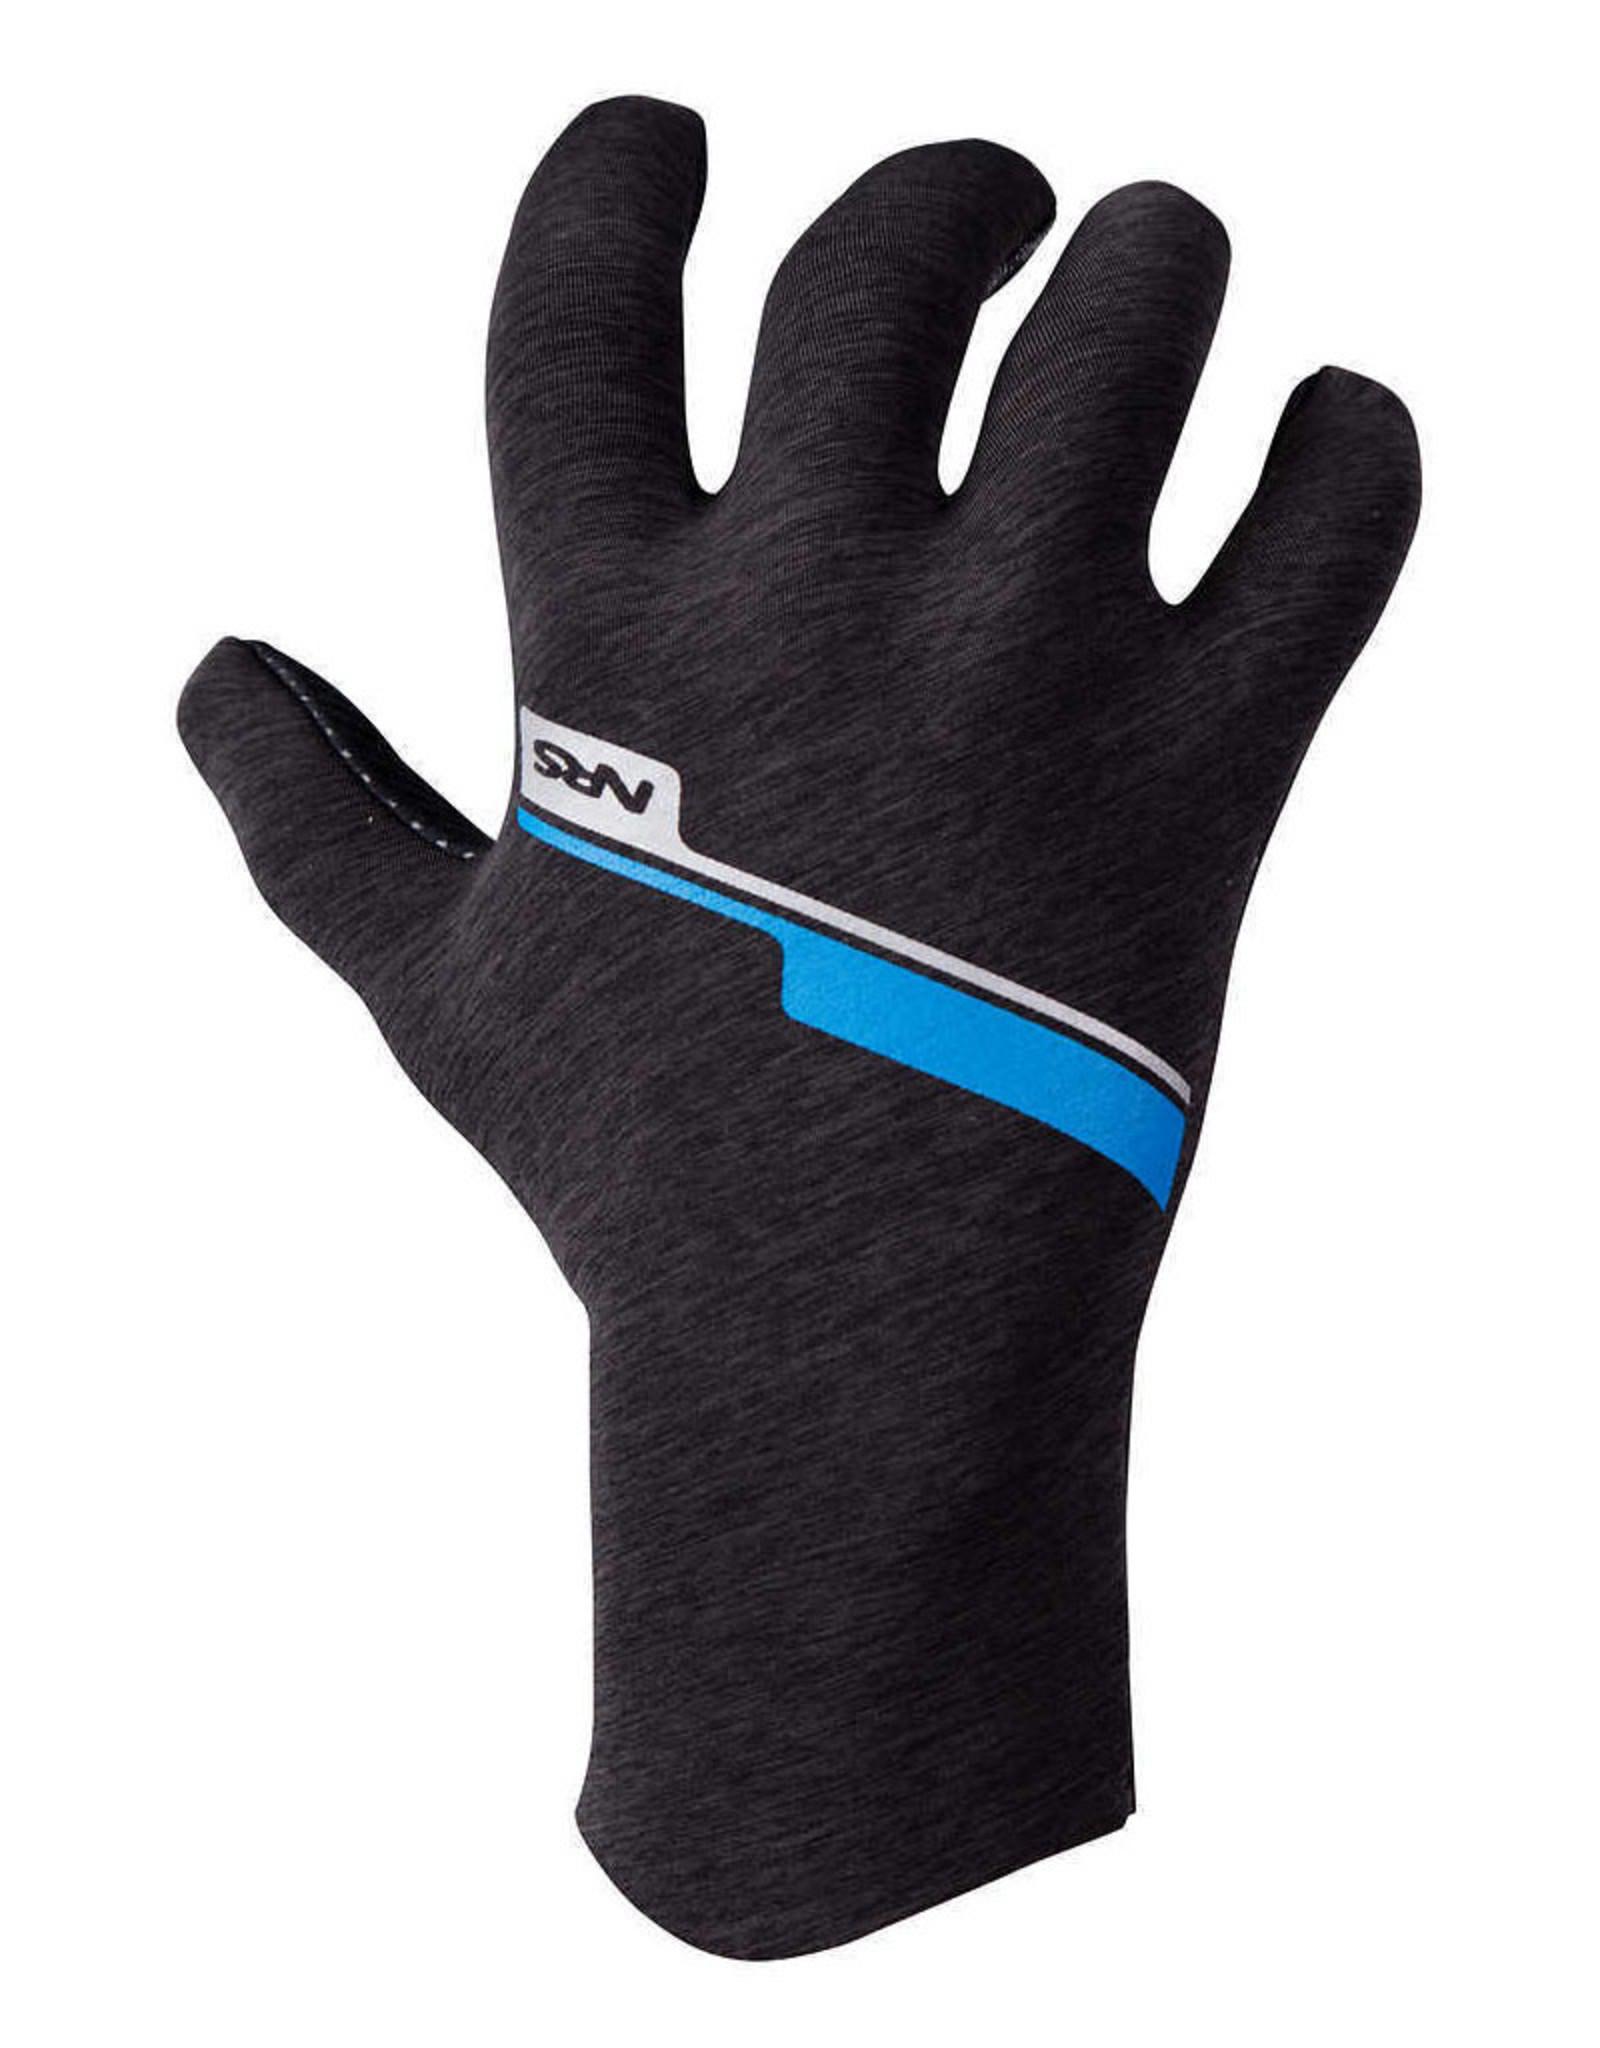 NRS NRS HydroSkin Paddling Gloves- Men's